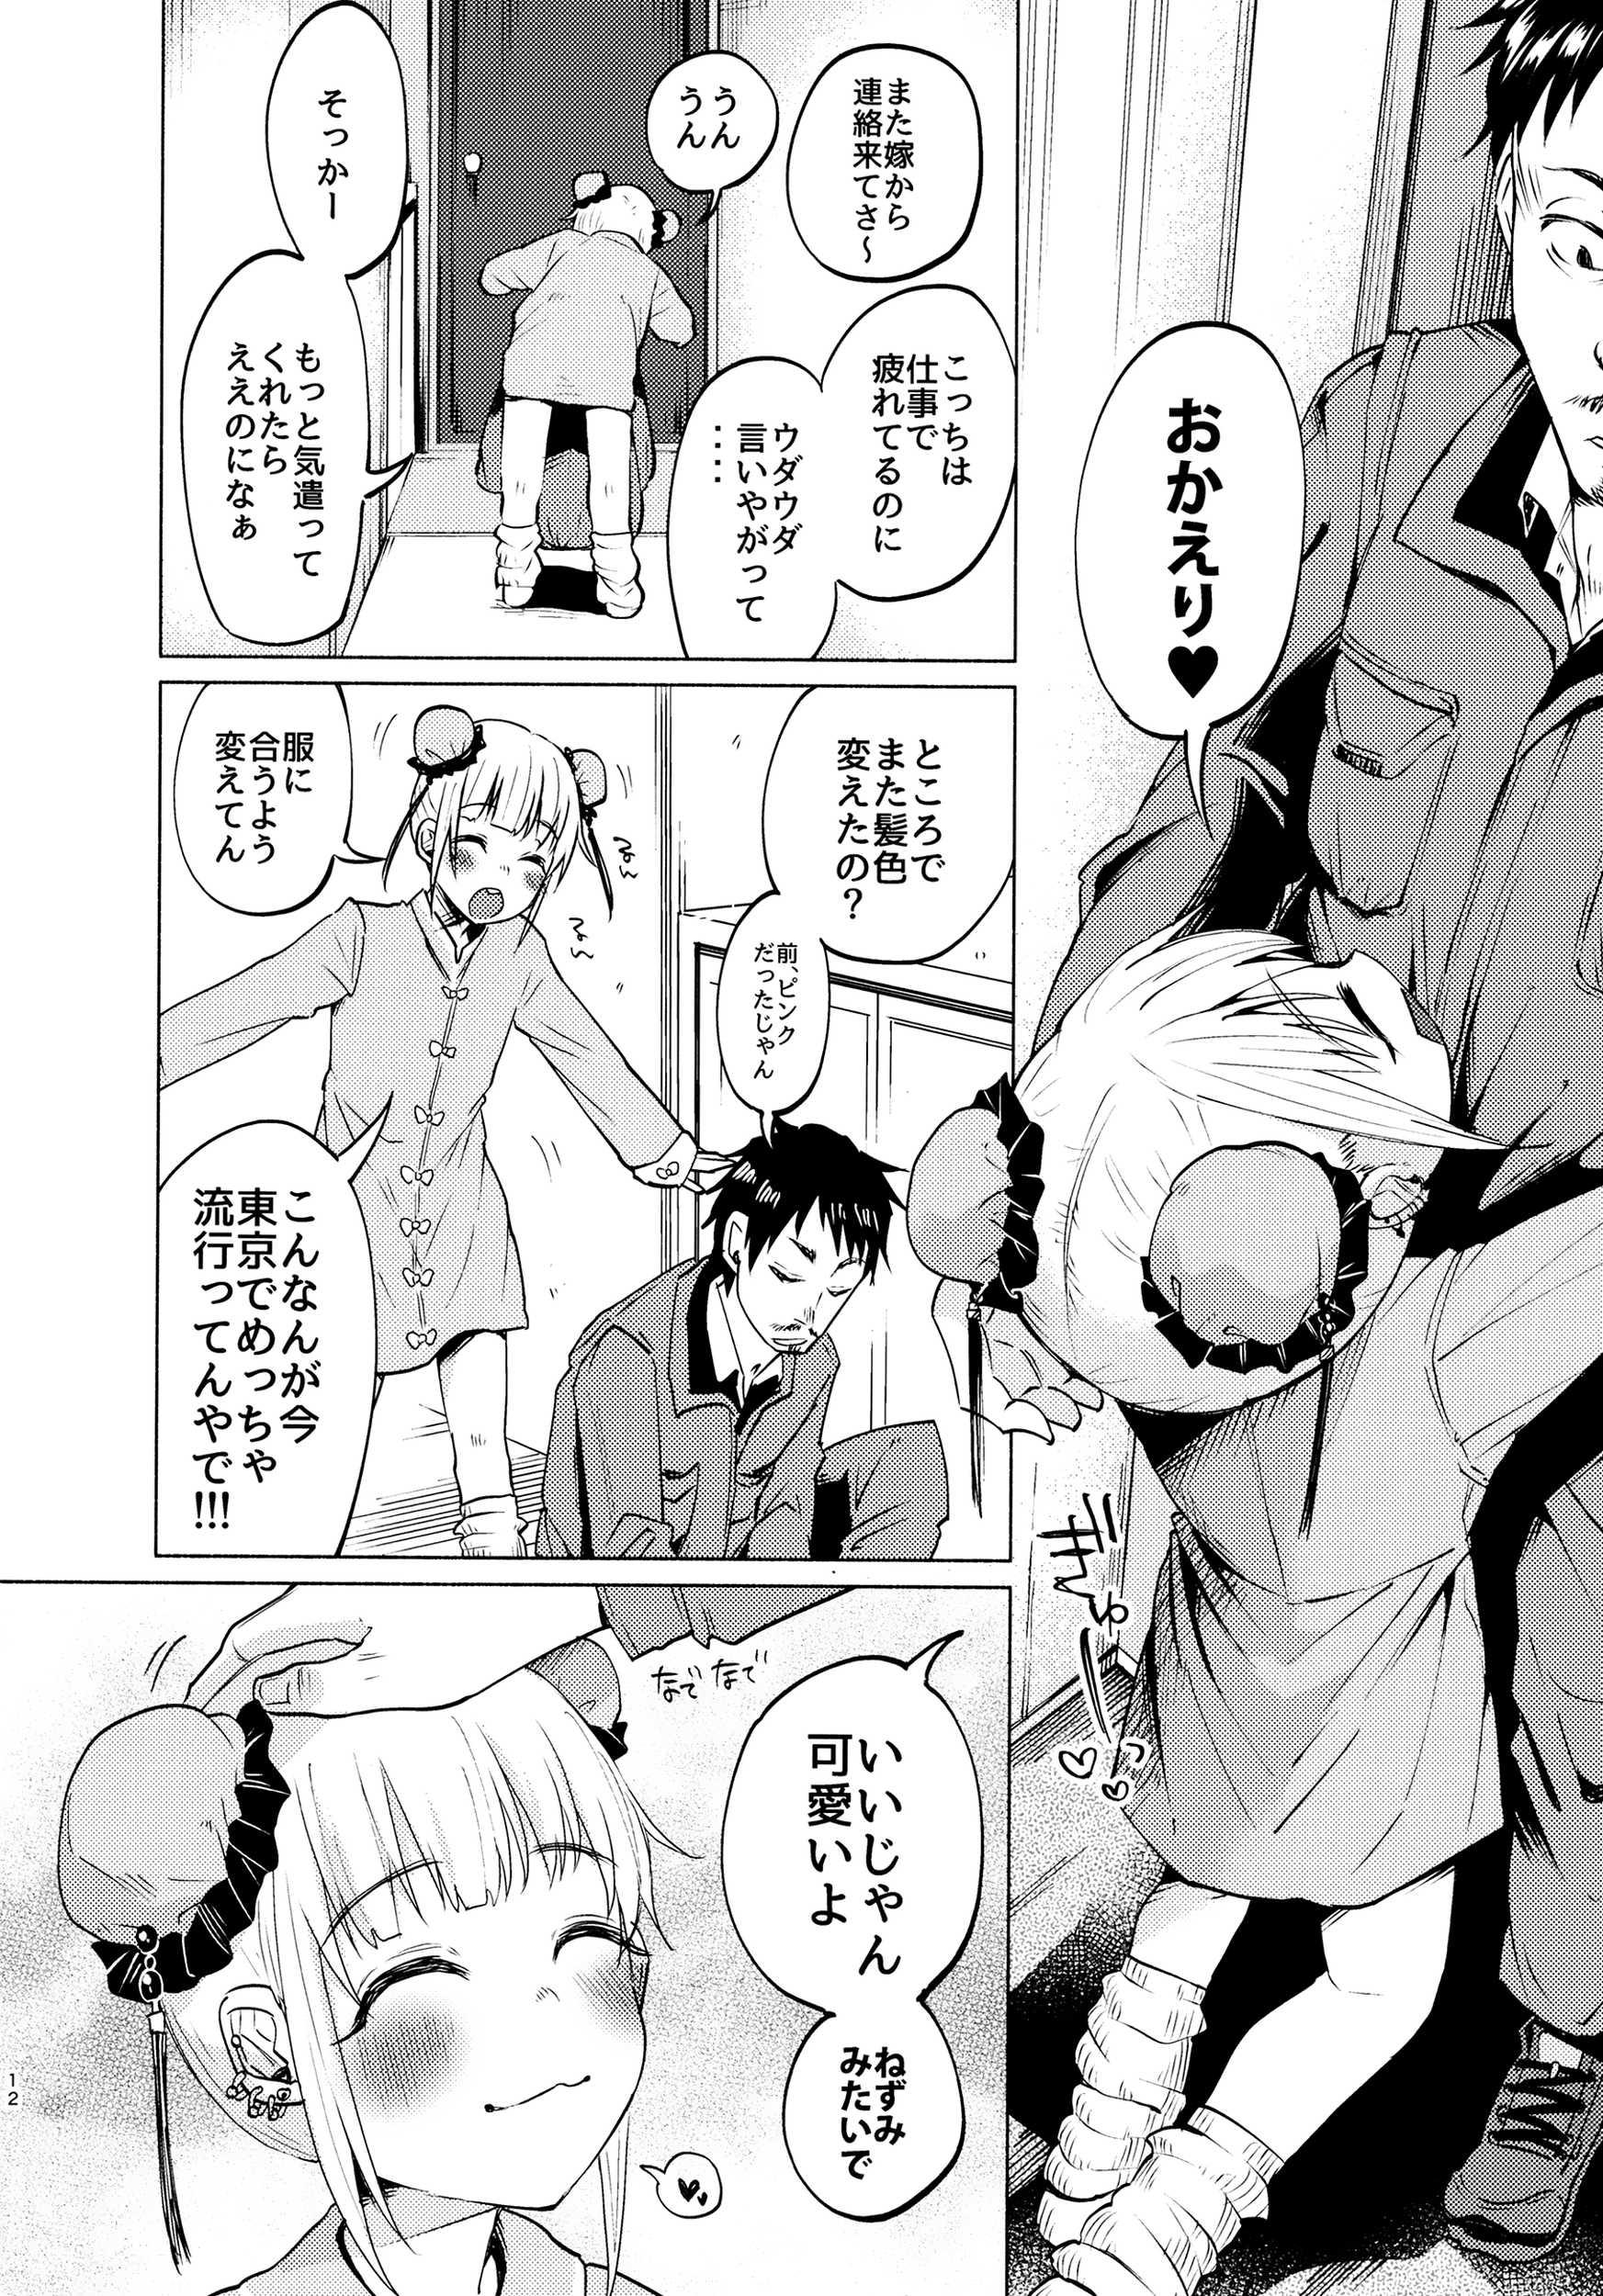 【エロ漫画】ウブな田舎娘に手を出したらヤンデレ化して逆レイプされるww【無料 エロ同人誌】 (11)